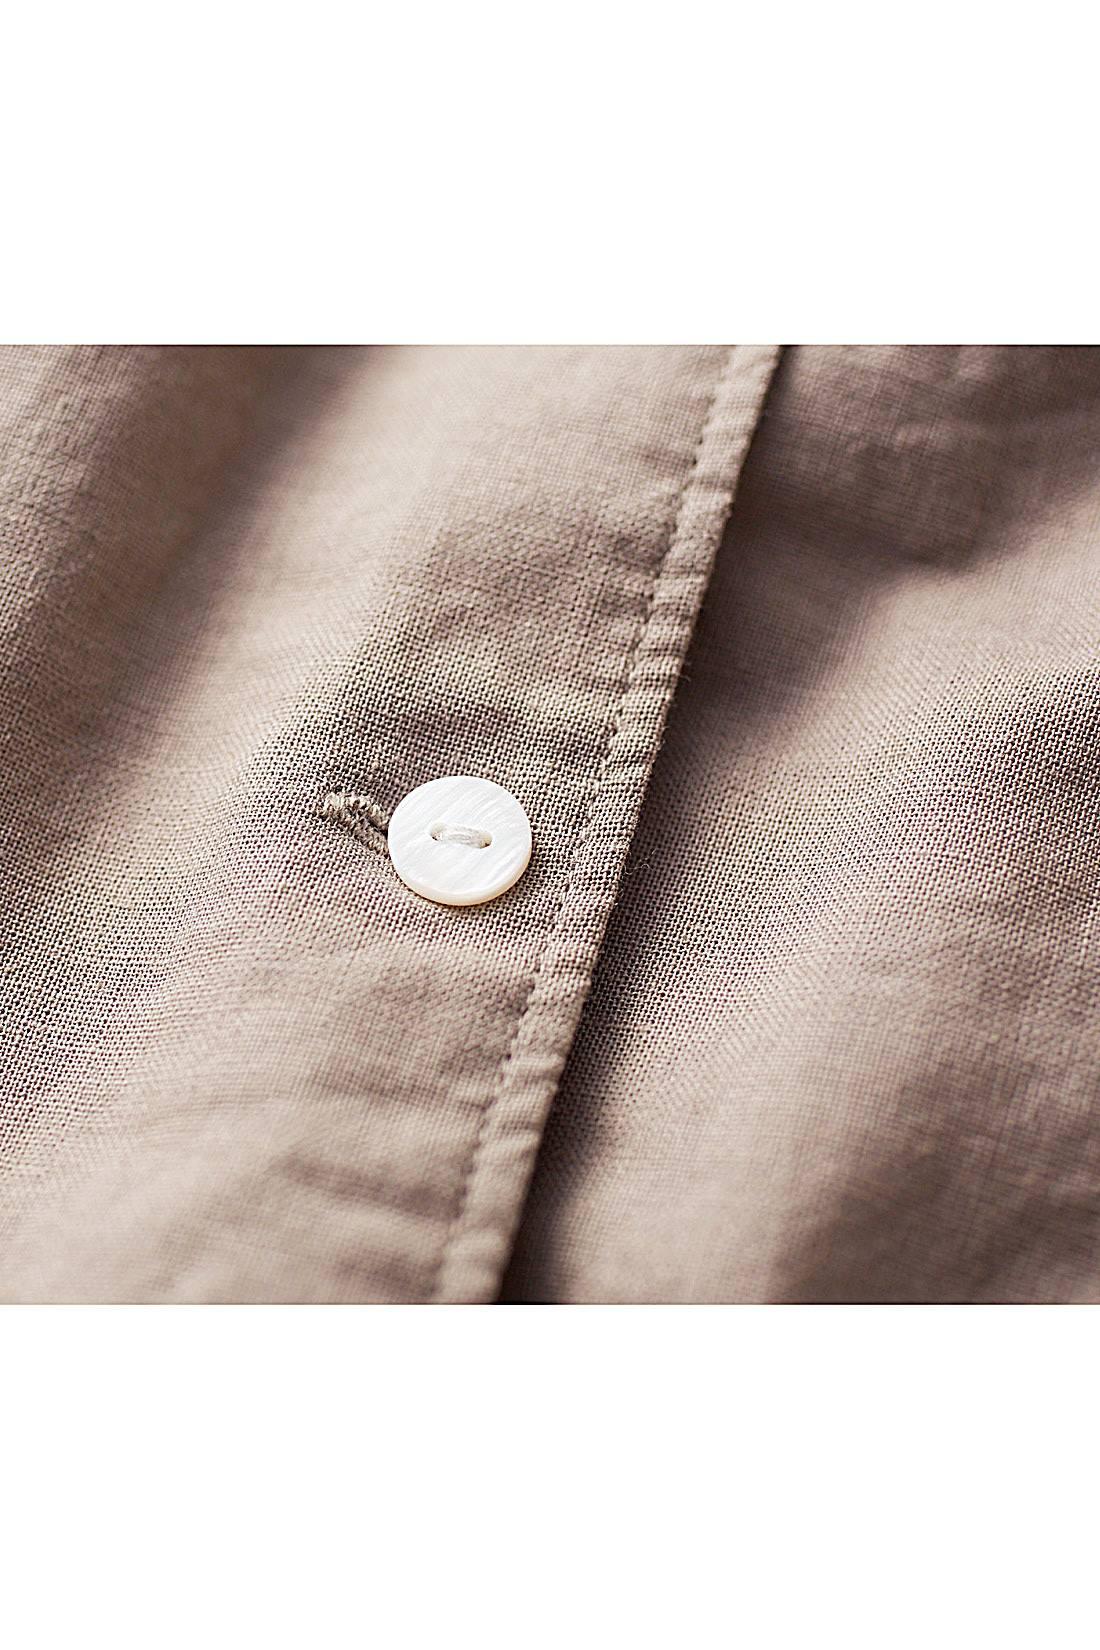 洗いをかけた綿麻素材は、やわらかさも軽さも上々。素材とマッチするシェル調ボタンも上品なアクセントに。